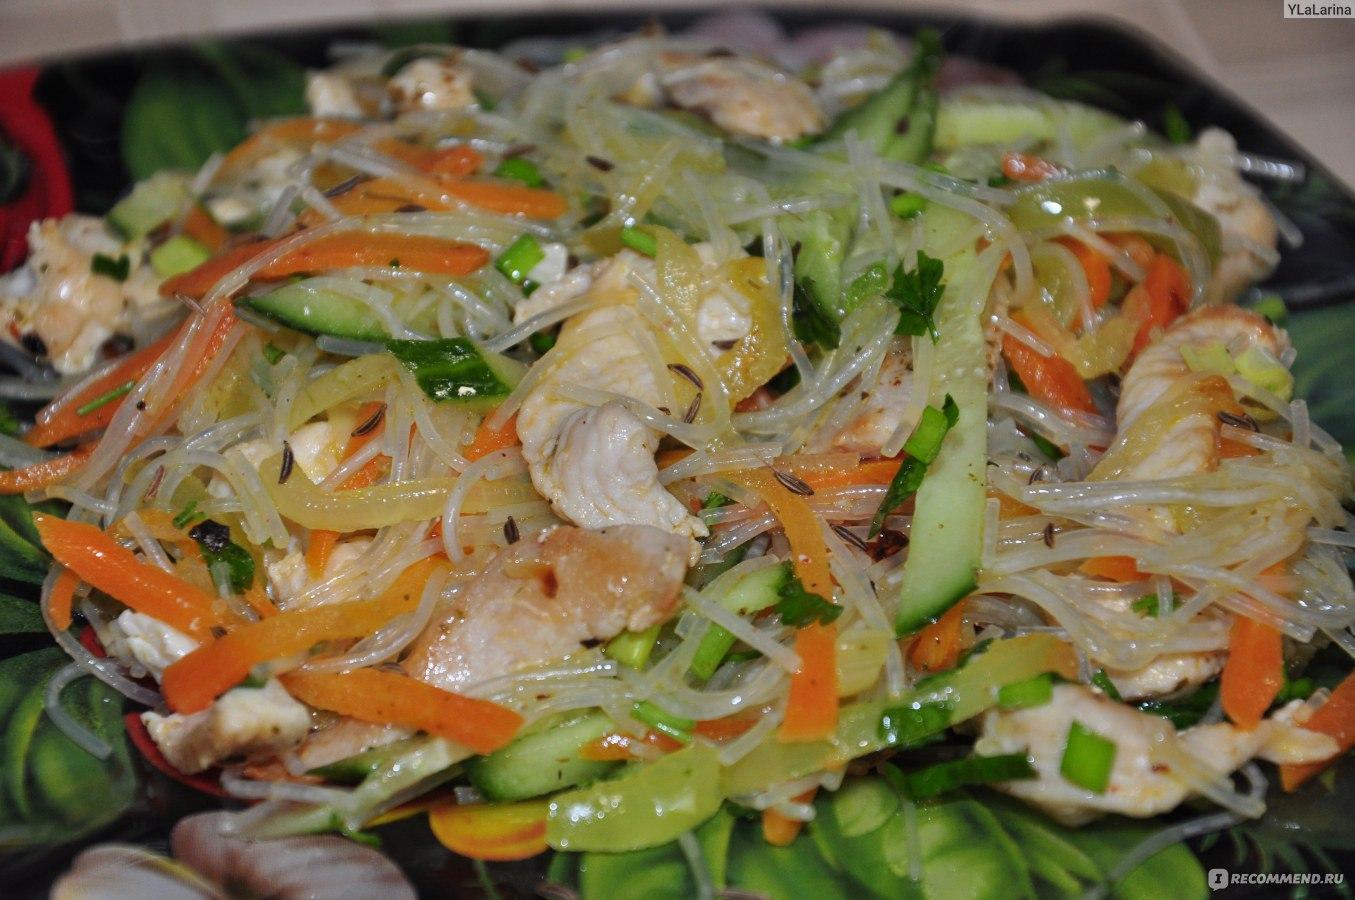 Салат с фунчозой и креветками пошаговый рецепт